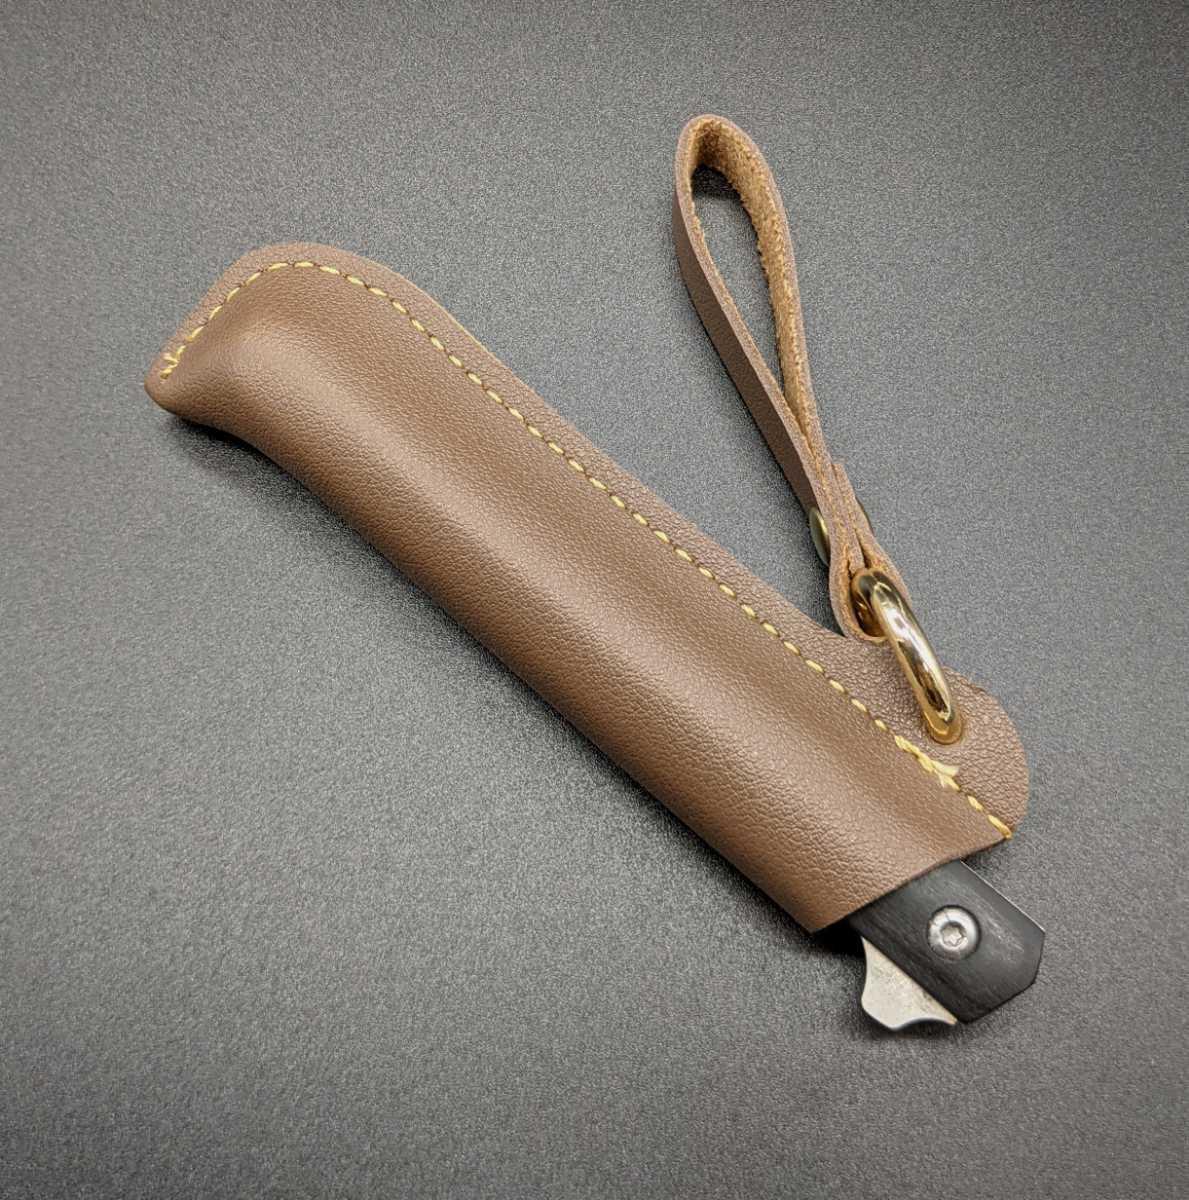 1378125 折り畳み ウッドハンドル サバイバルナイフ レザーケース付き アウトドア用小型ナイフ フィッシュナイフ  ベアリング 黒